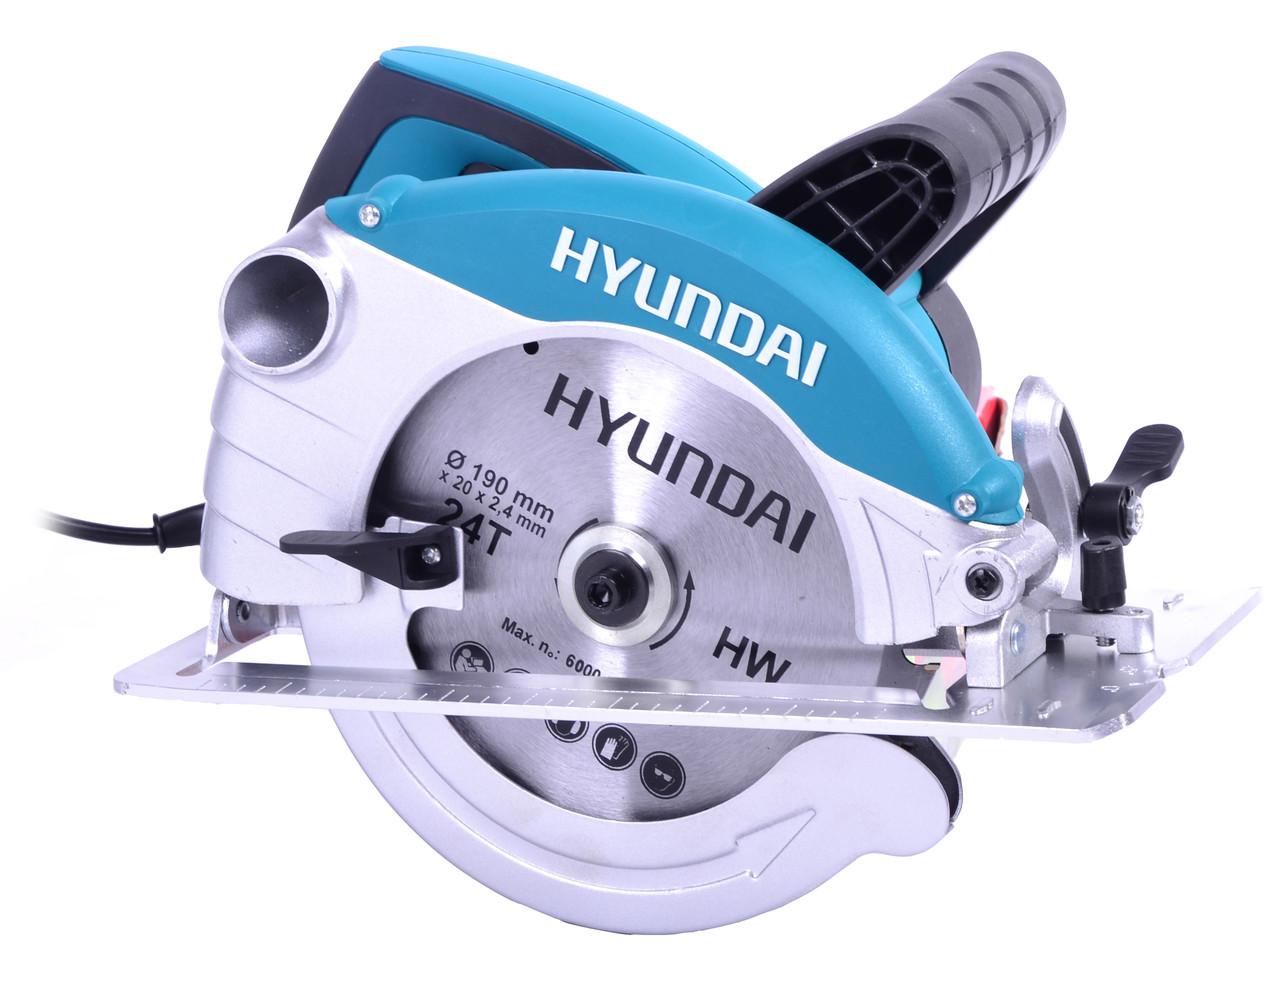 Циркулярная пила Hyundai C 1500-190 Expert